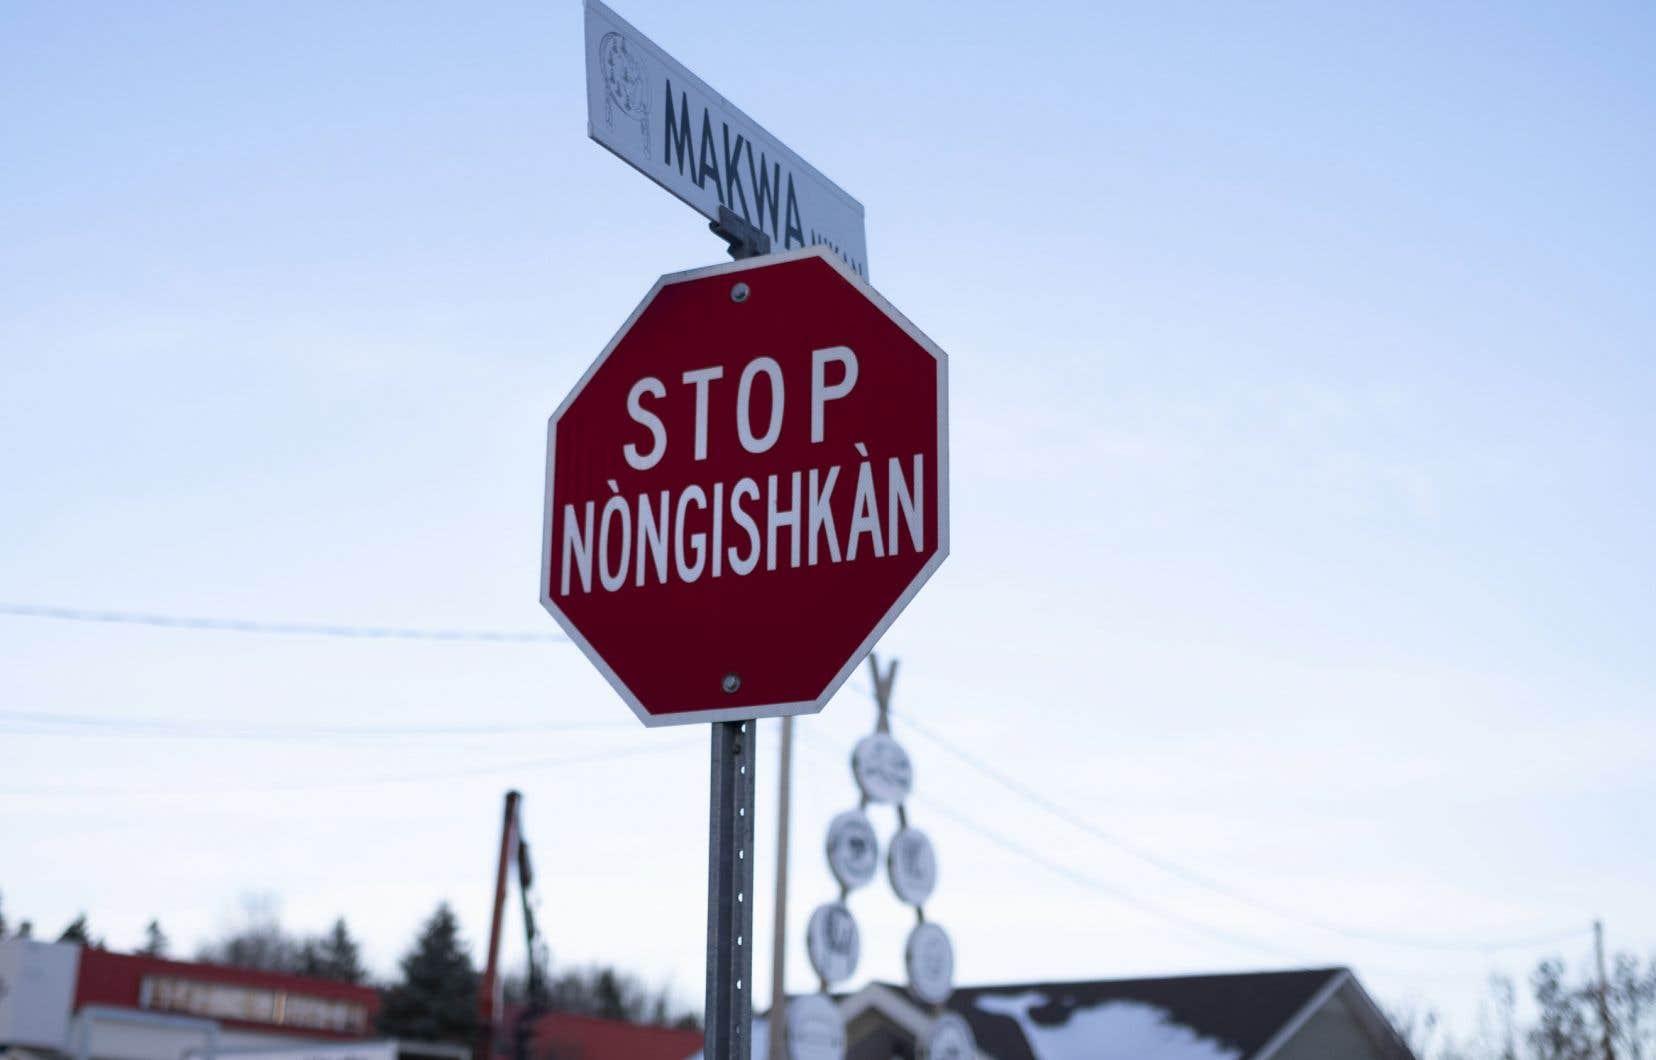 Plus de 307 résidences de la communauté algonquine dépendent de la livraison de bouteilles et de bonbonnes d'eau chaque semaine.